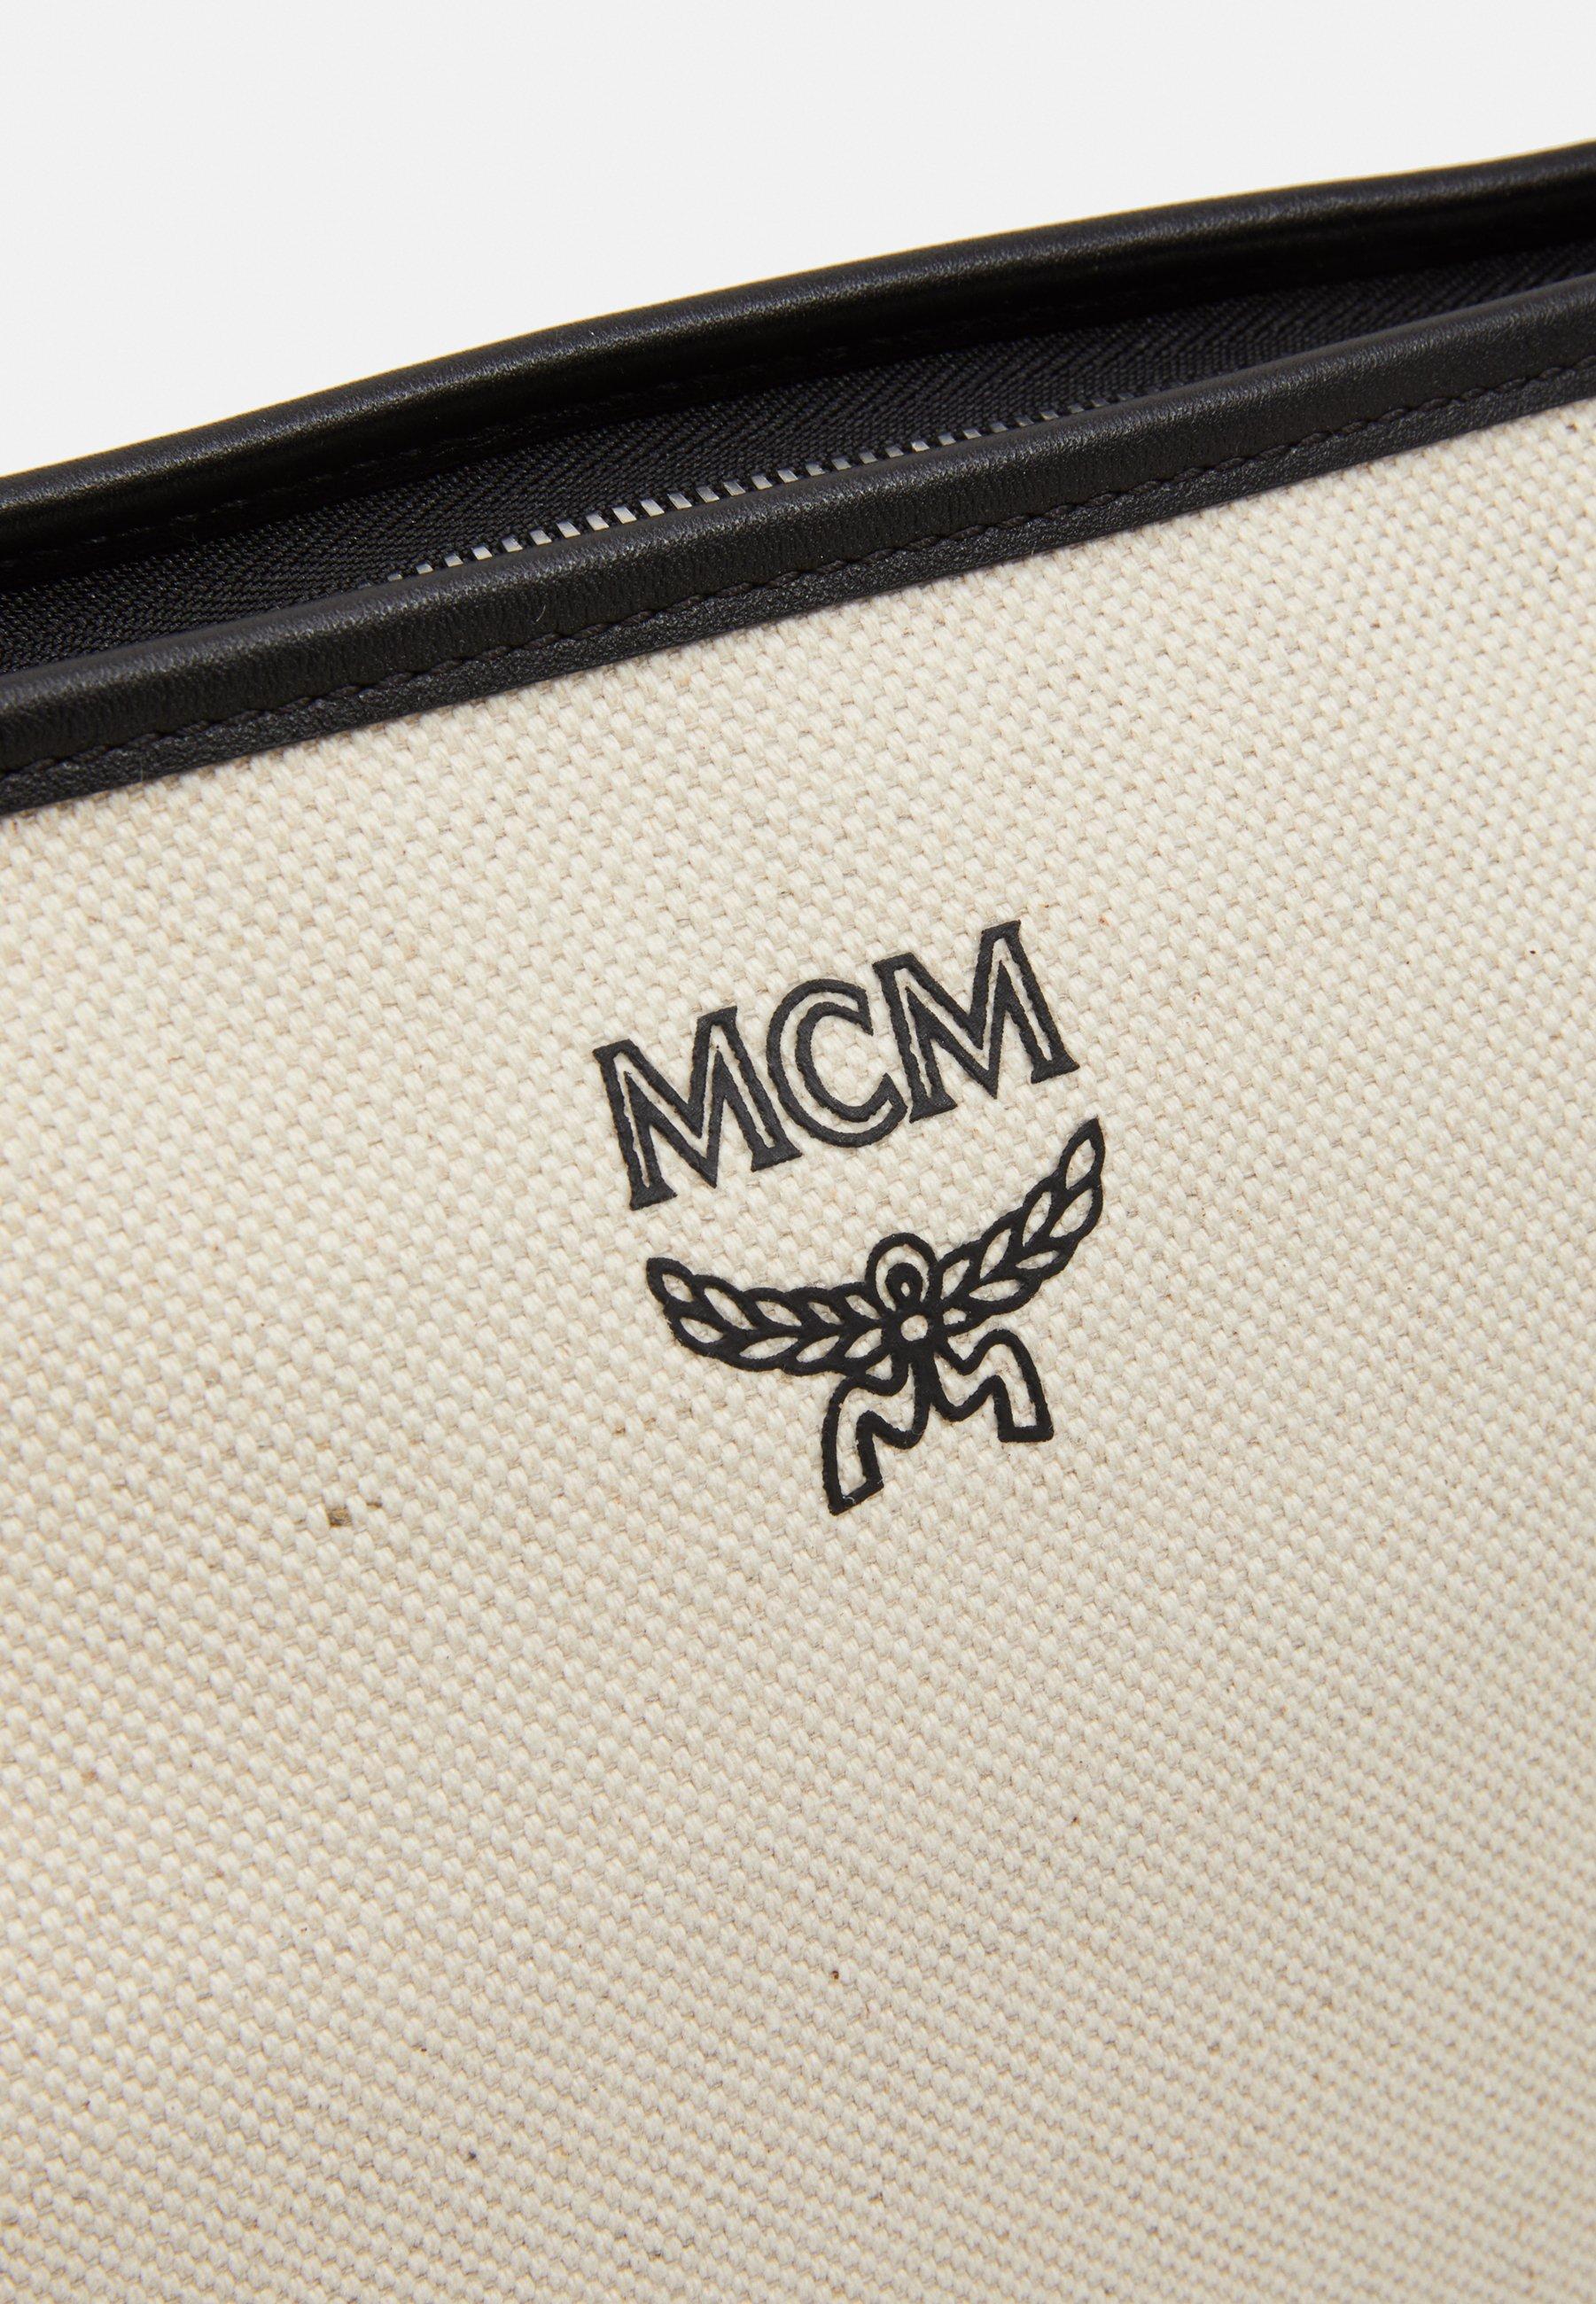 MCM Shoppingveske - multi/flerfarget 8uOsAMr8v0QRWg6